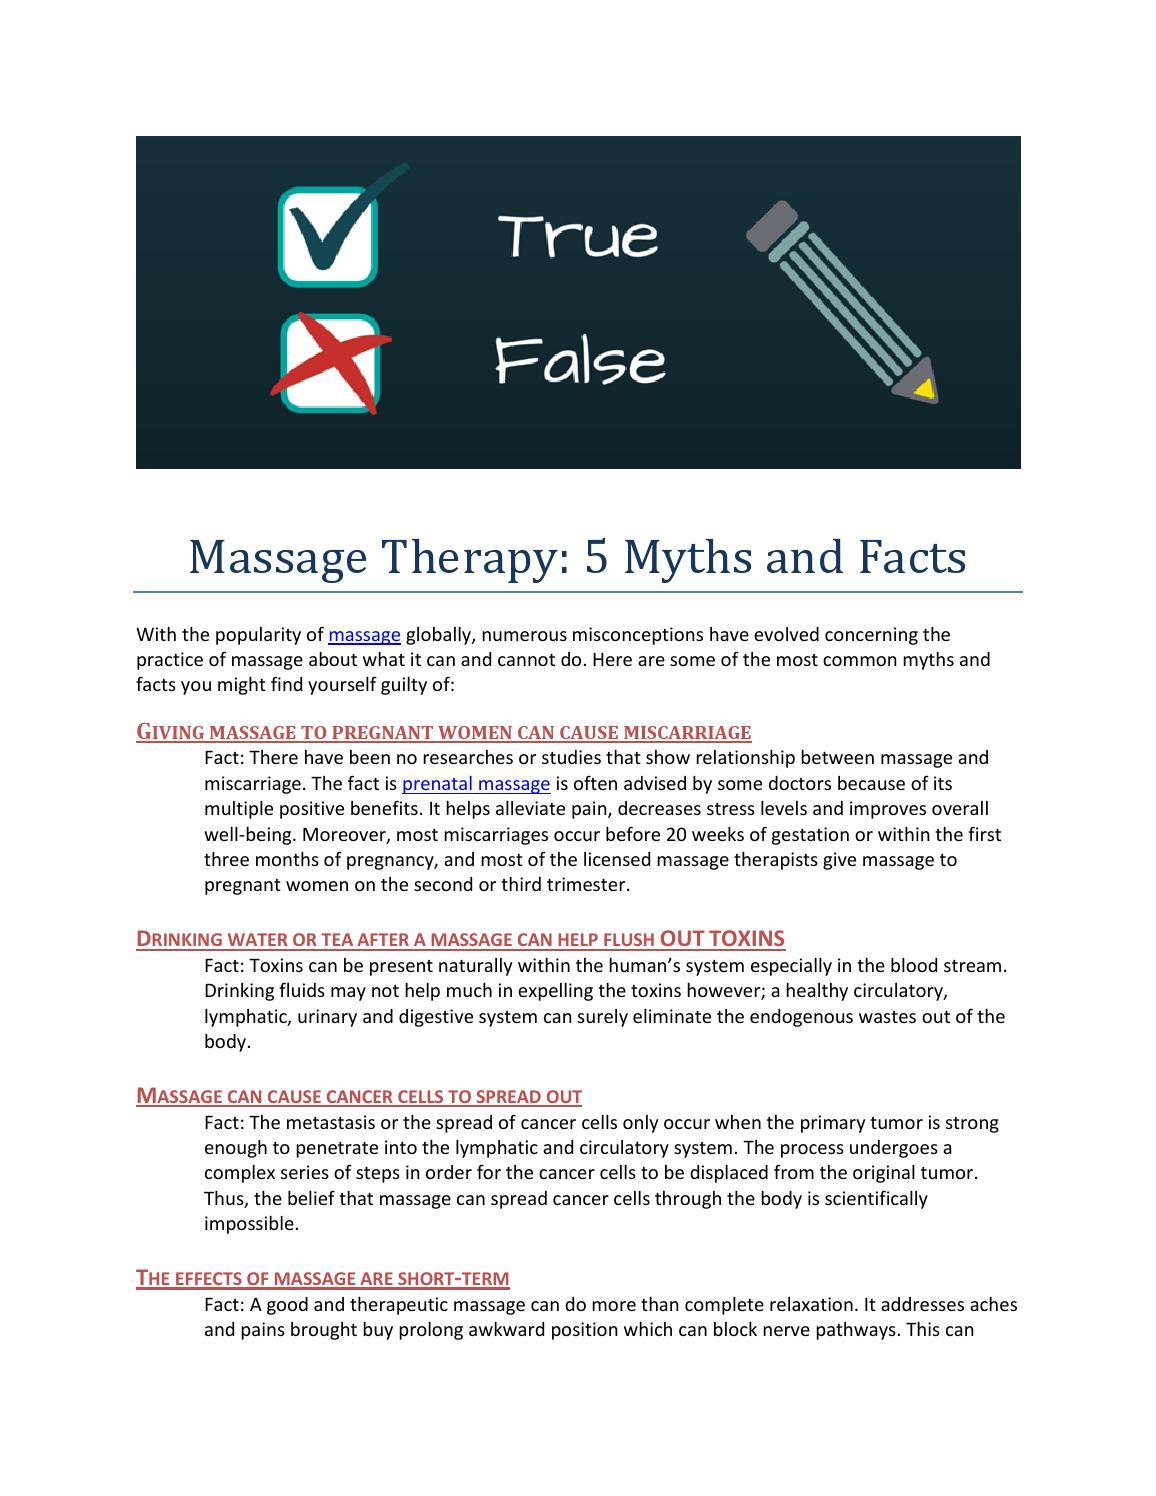 Massage Therapy 5 Myter og fakta af Dianne Myo - Issuu-9218